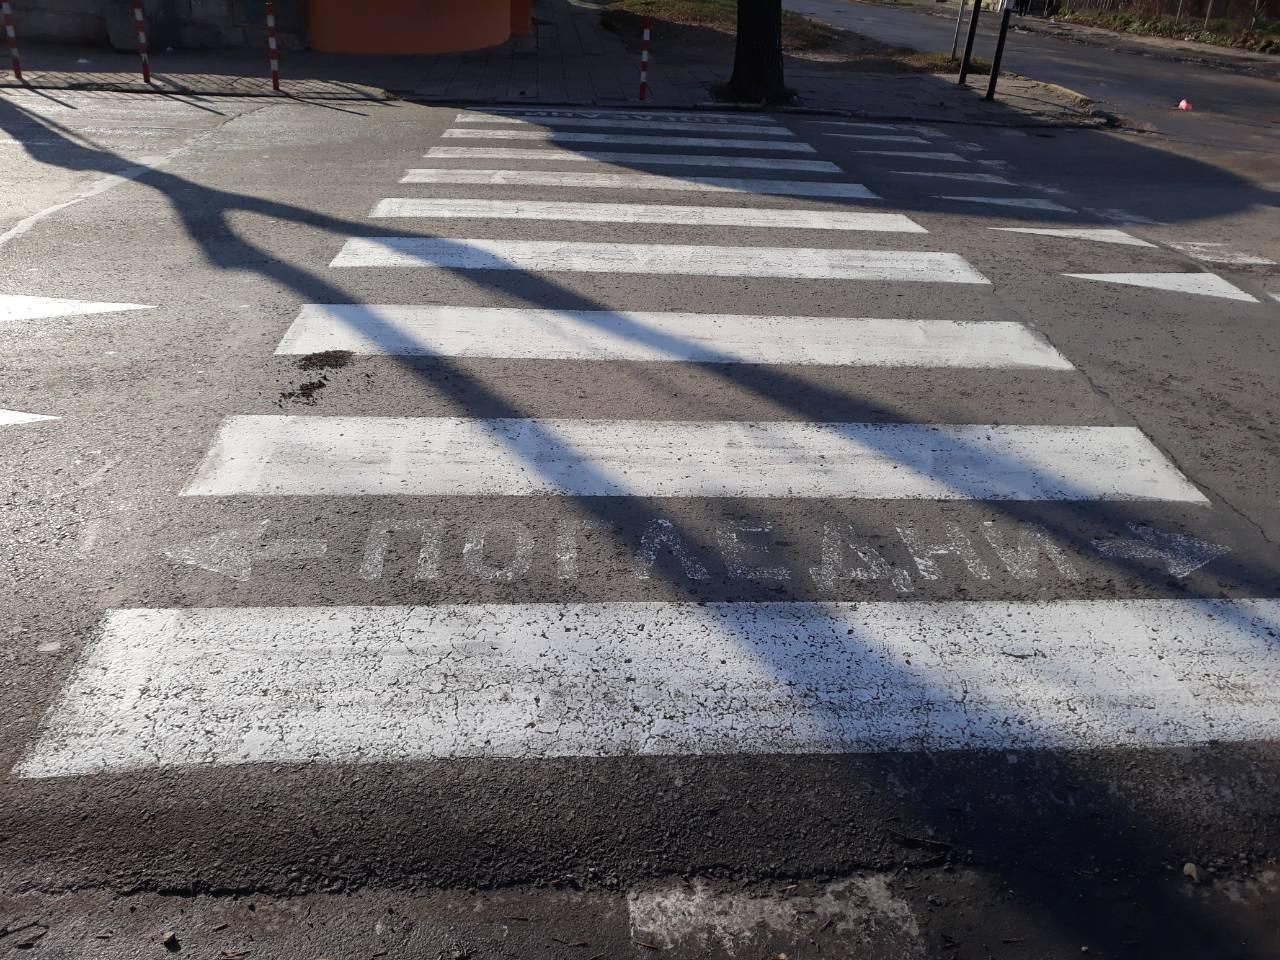 Възрастна жена загина на пешеходна пътека в центъра на Стара Загора